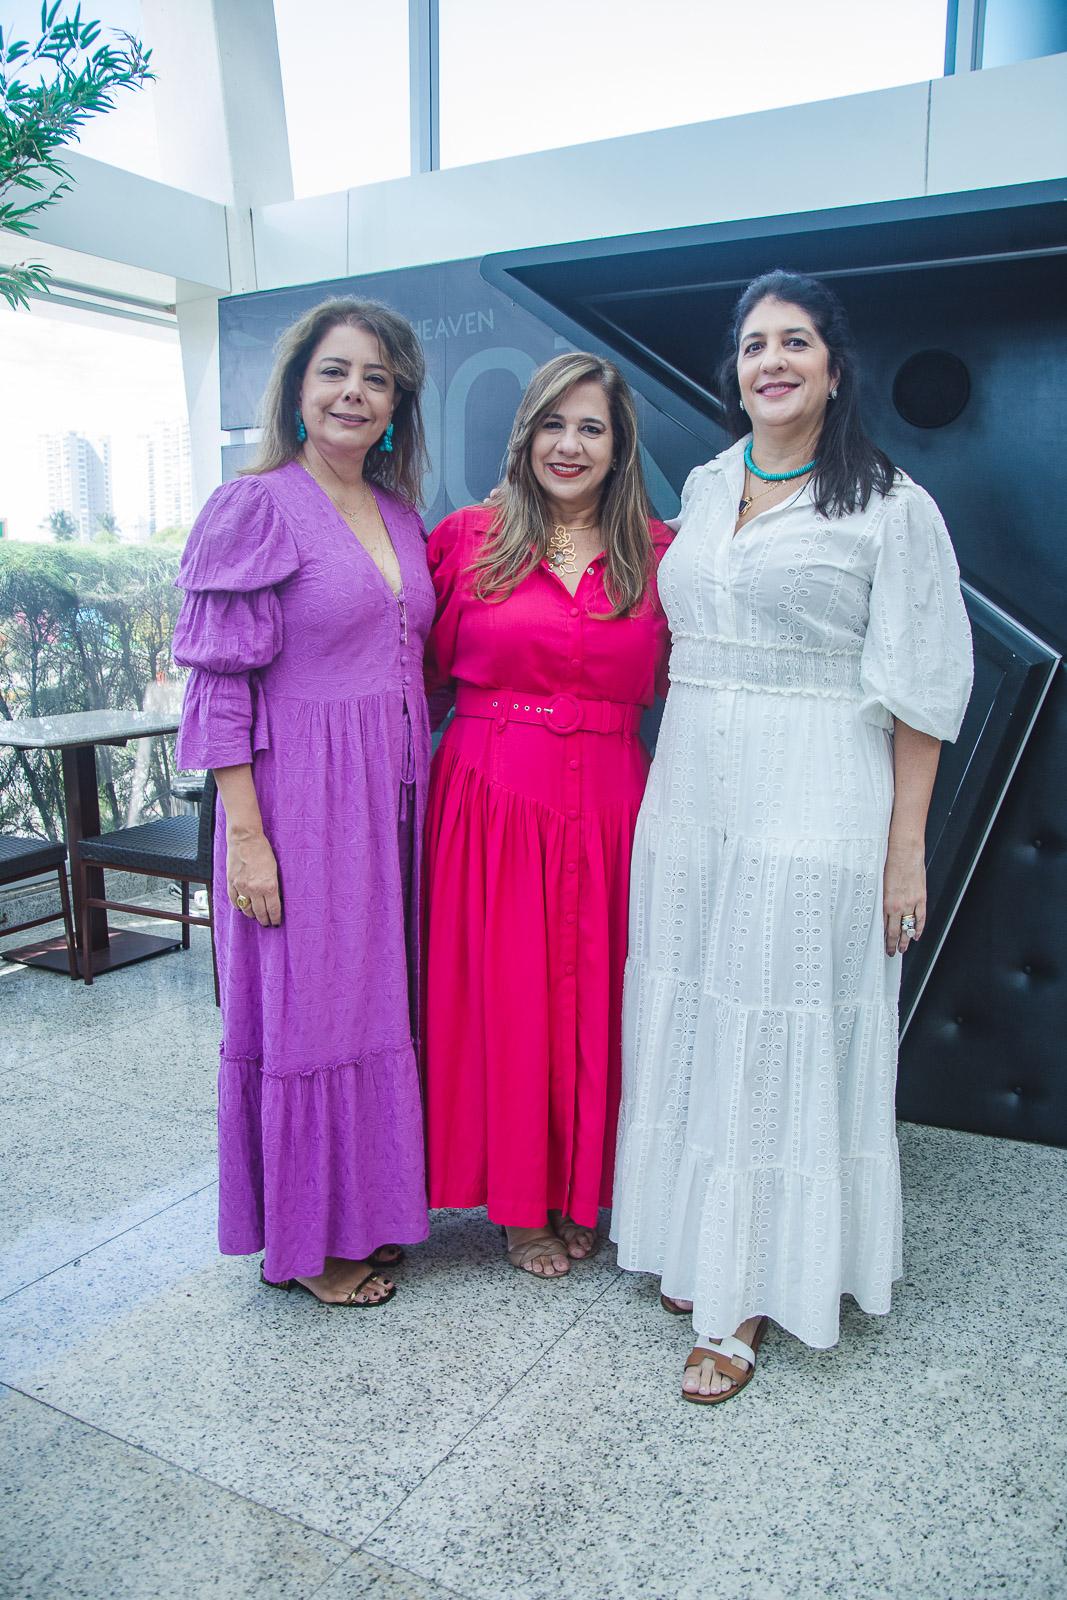 Claudia Gradvohl, Martinha Assuncao E Elisa Oliveira (1)